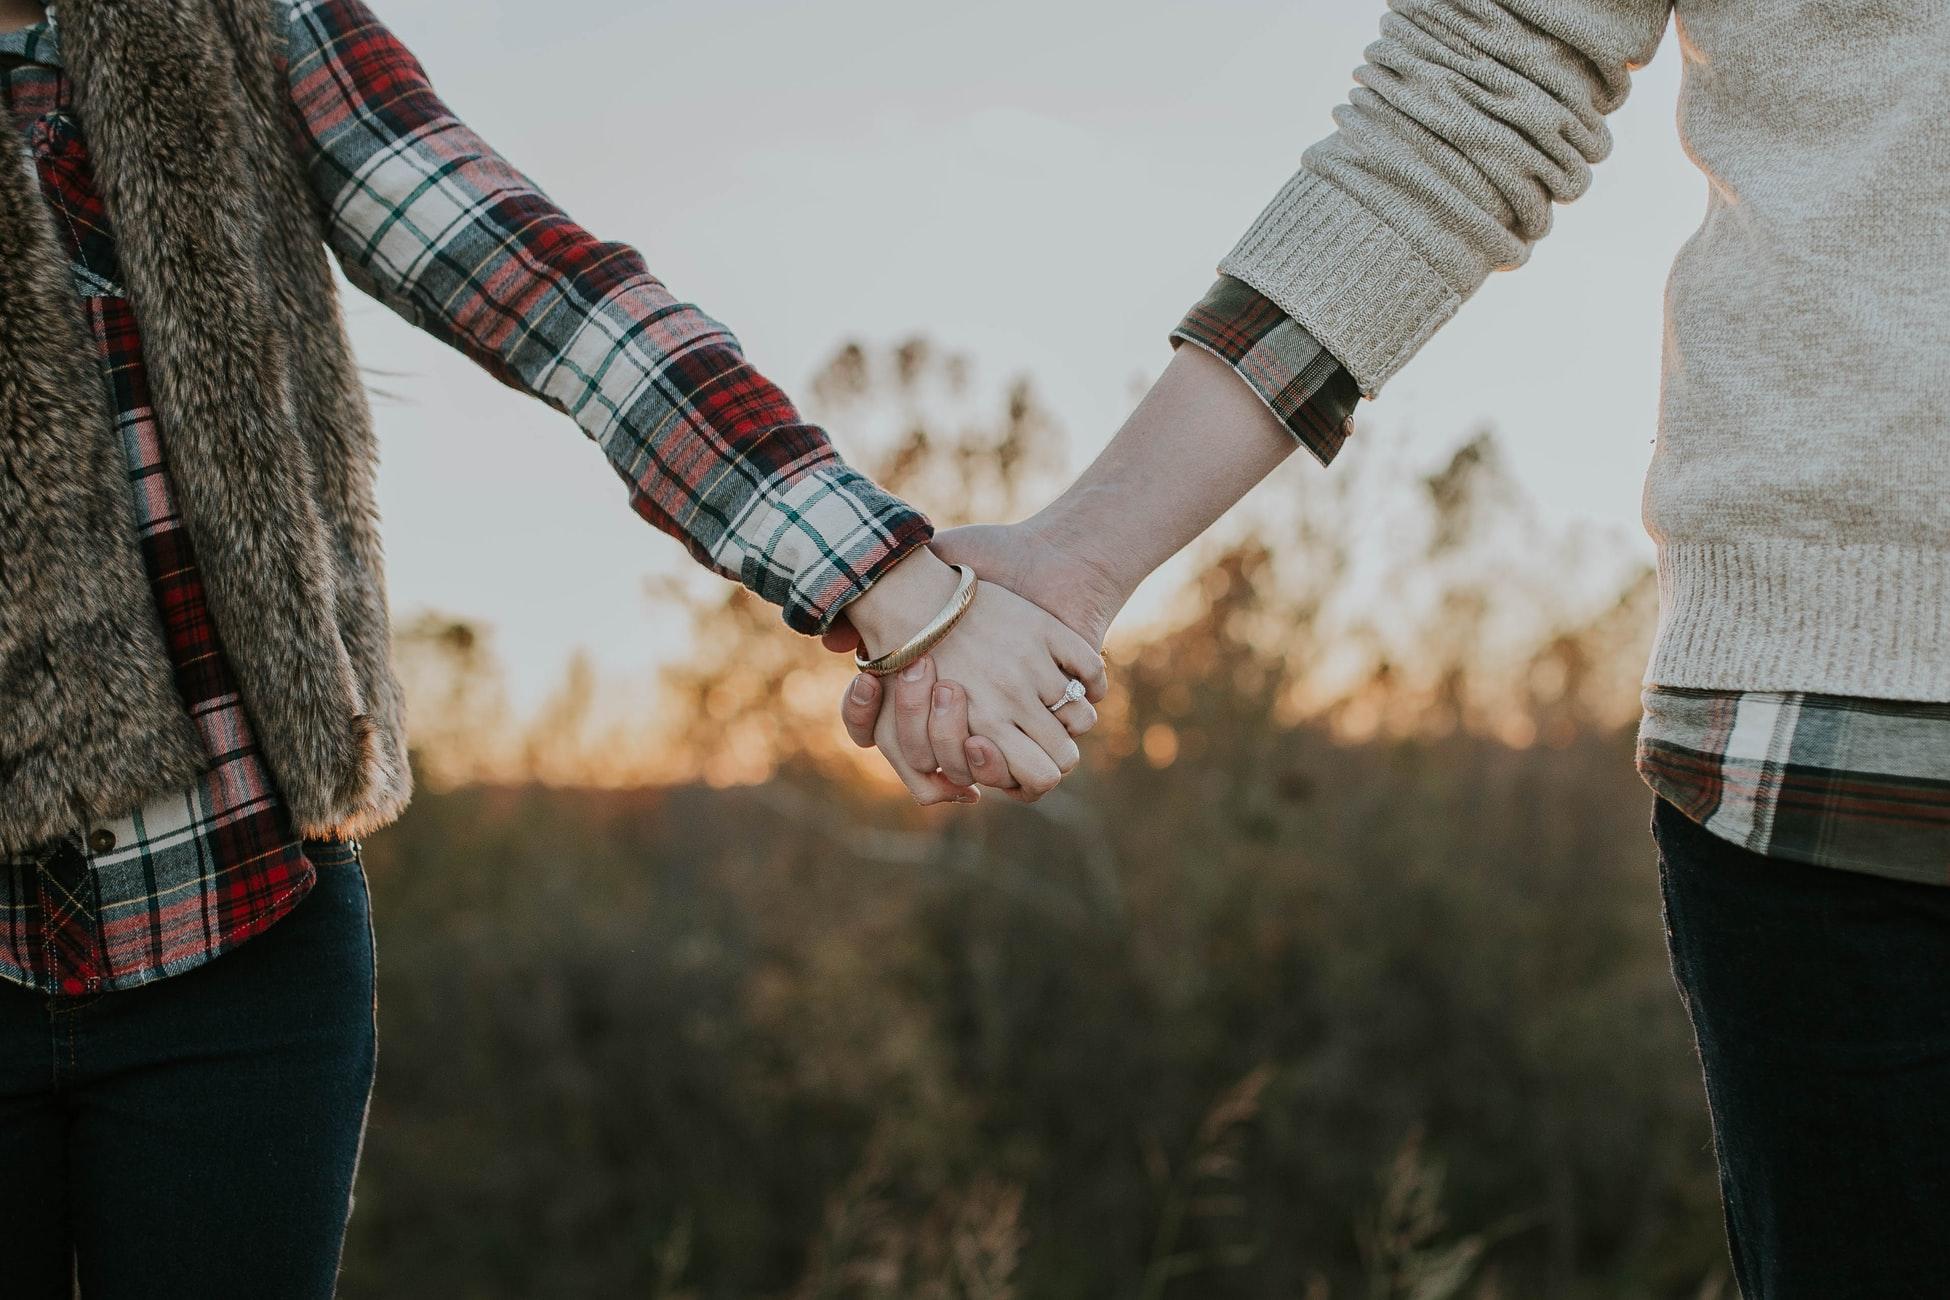 仲の良い夫婦が手を繋いでいる画像